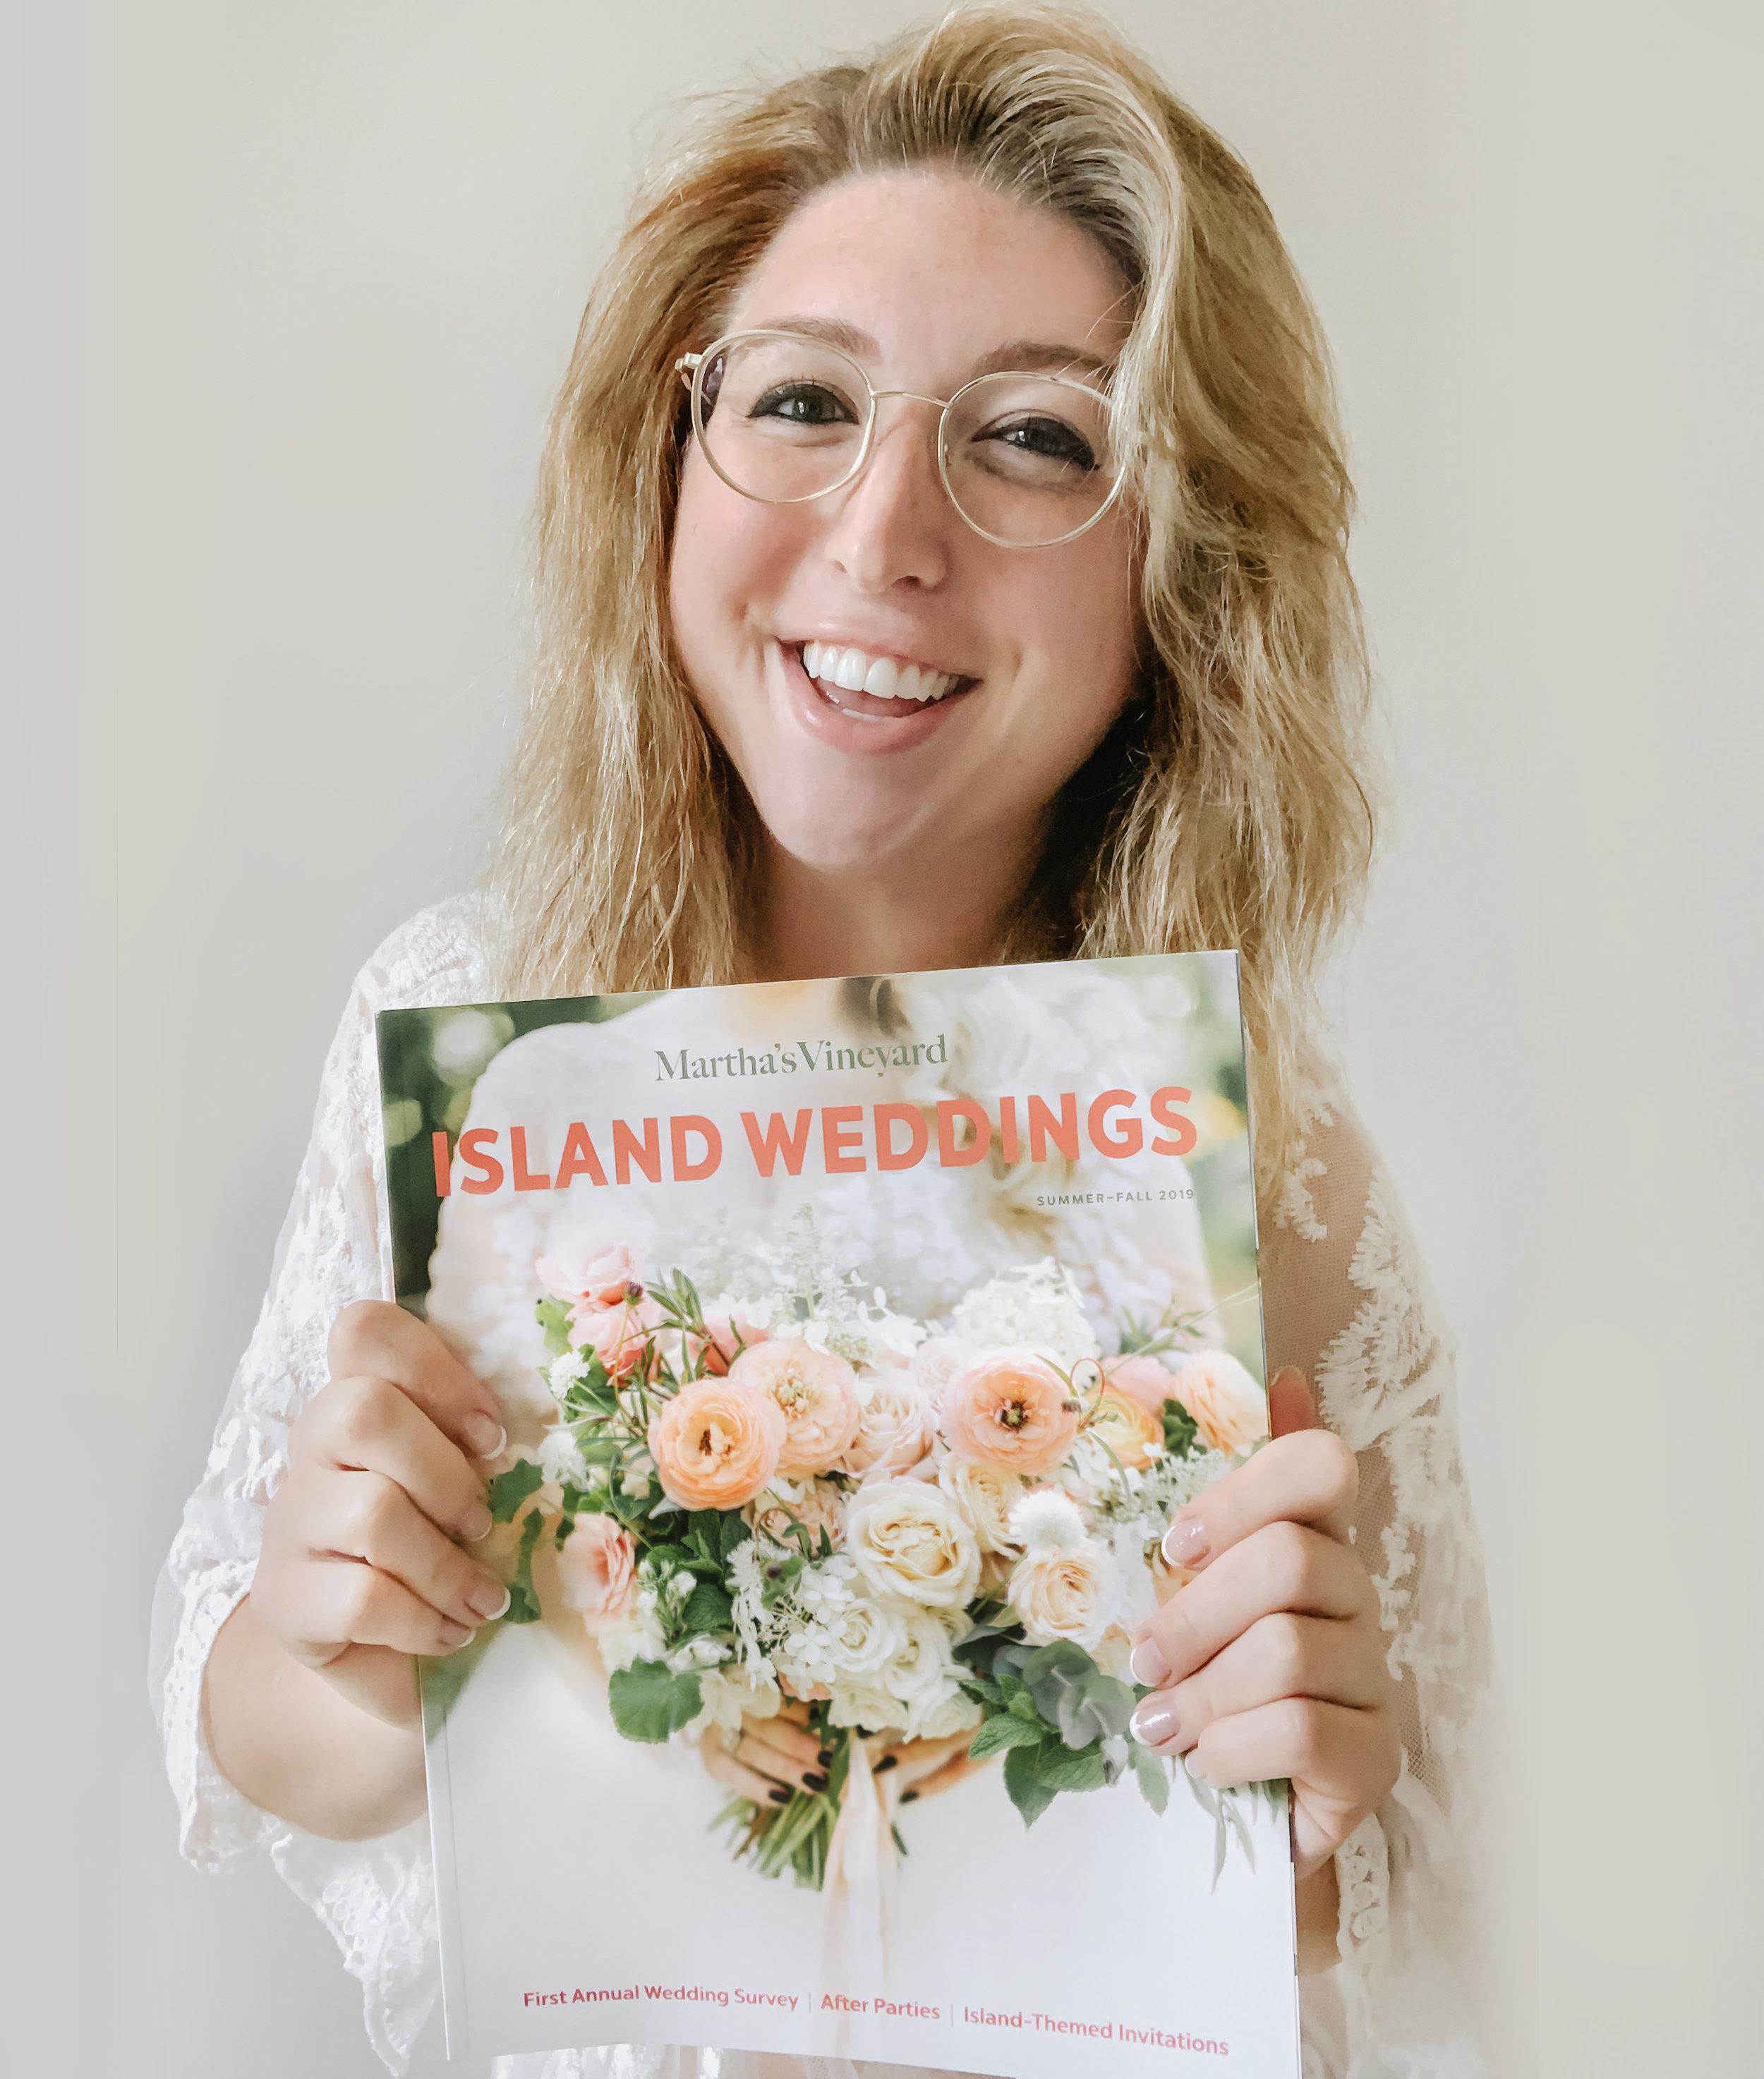 MV-Marthas-Vineyard-Wedding-Magazine-Lena-Mirisola-1.jpg